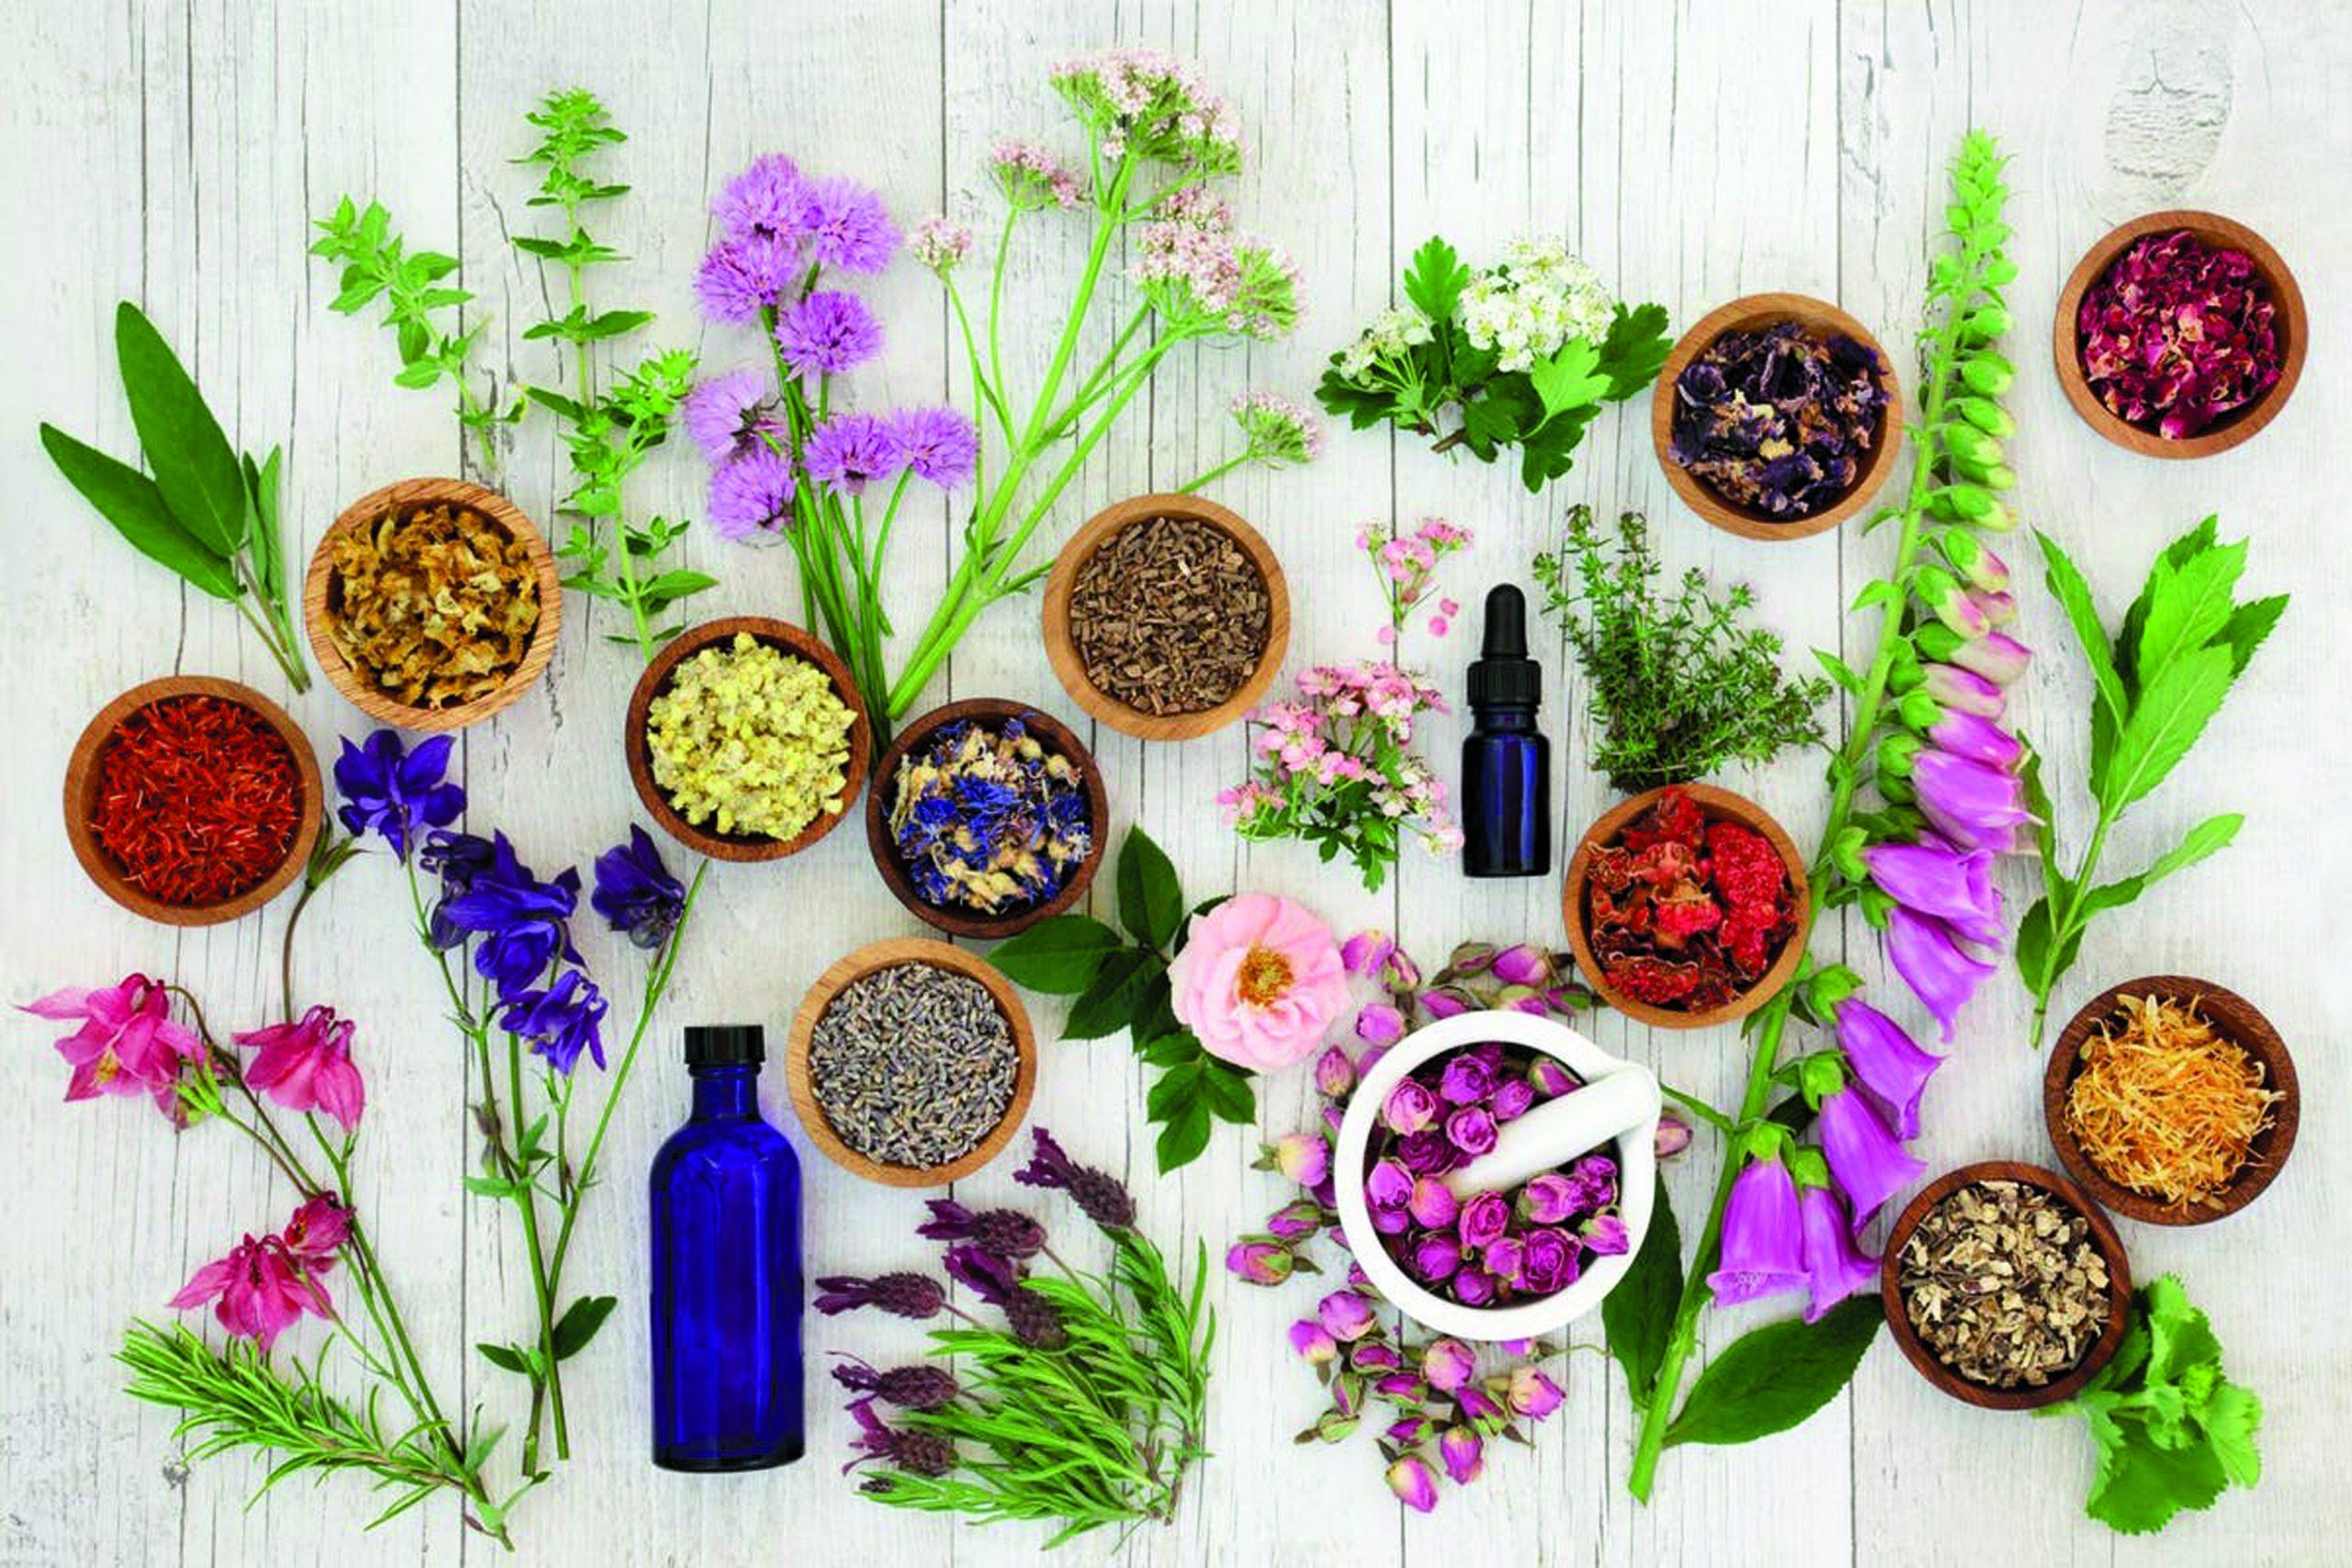 Go to Moć esencijalnih ulja: zaljubljen u aromaterapiju